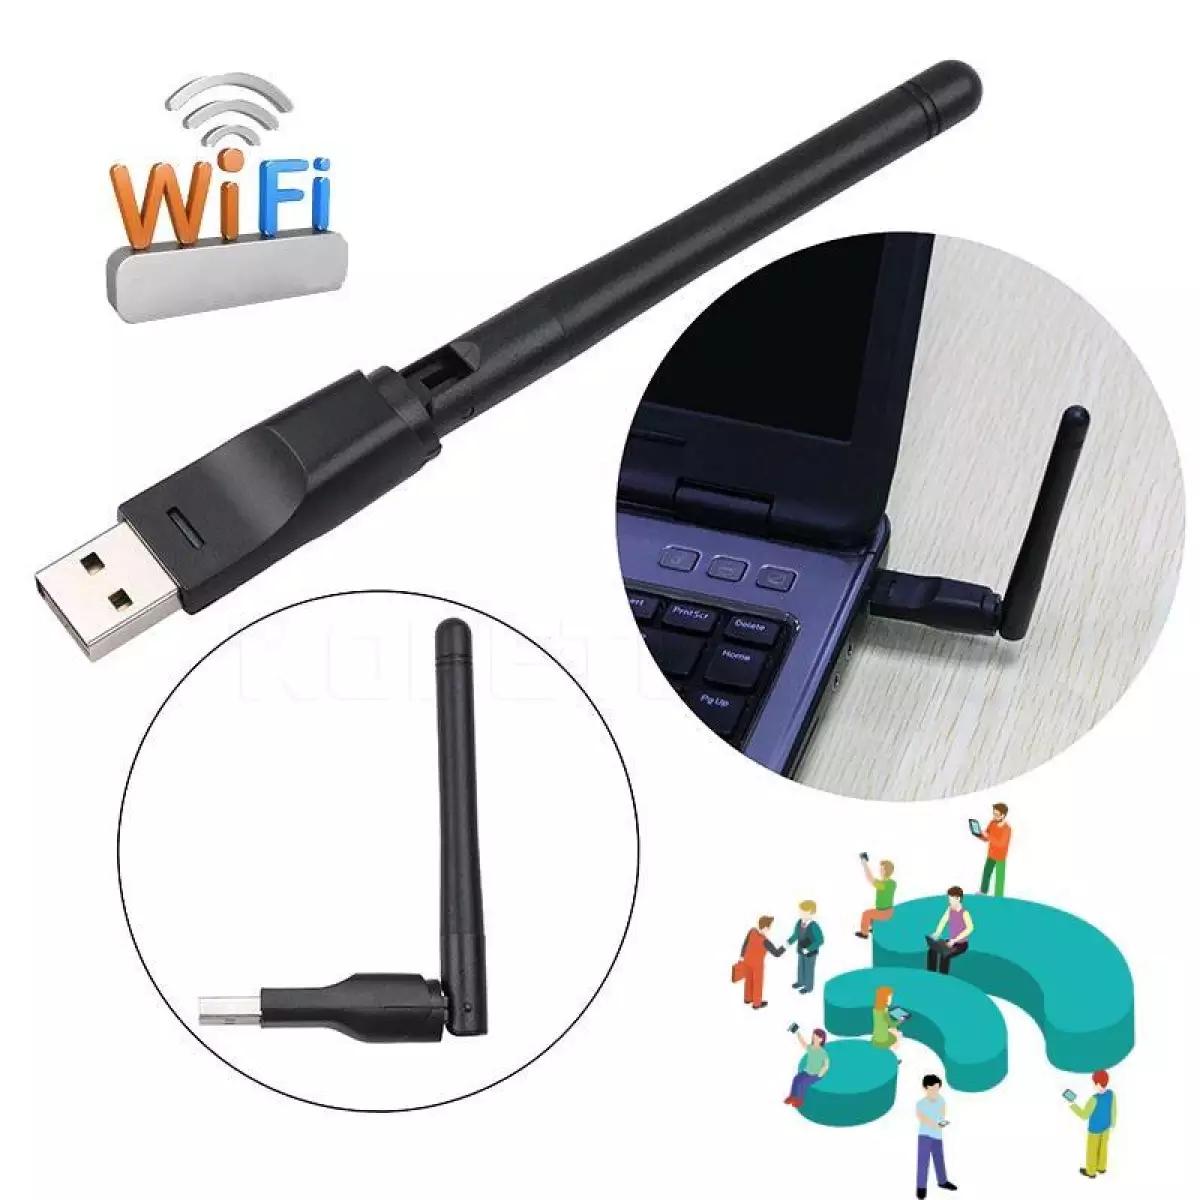 USB Thu Wifi Chuẩn N Tốc Độ Cao 150Mbps Tăng Khả Phạm Vi Thu Phát Sóng Wifi Cho Máy Tính Xách Tay, Máy Tính Để Bàn, Thiết Bị Thu Nhận Ngoại Vi